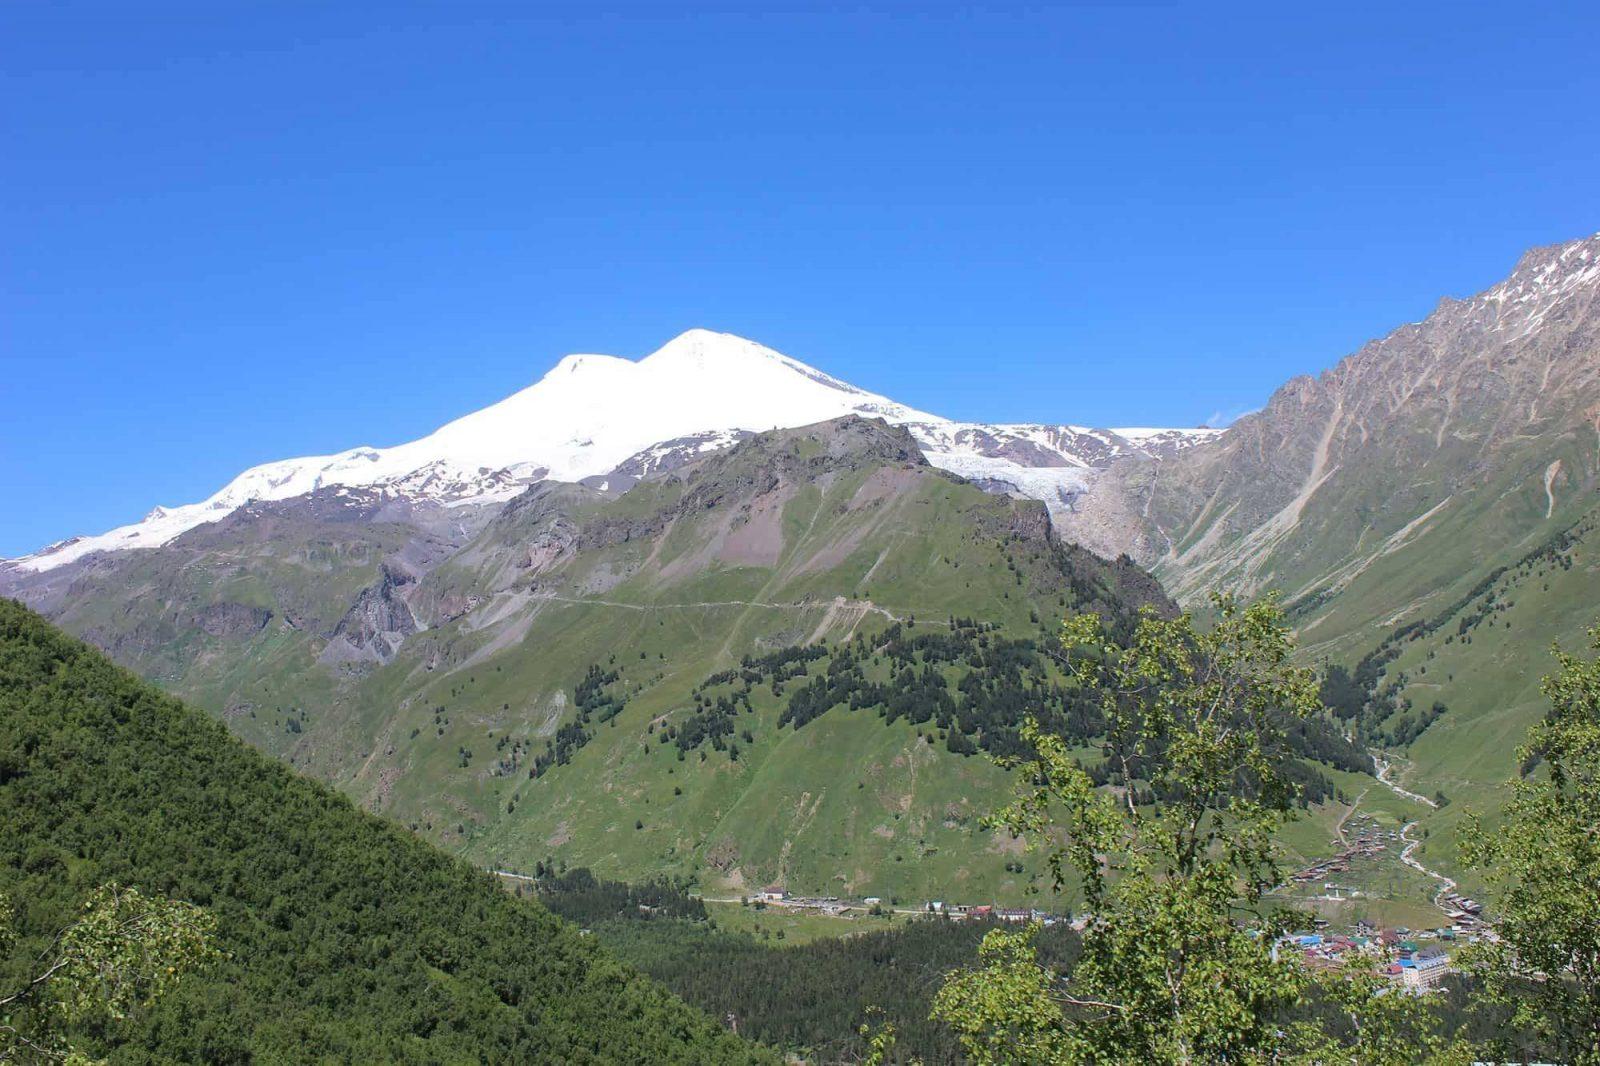 Trekking v prielbrusye 4 1558959954 - Акварель Кавказских гор Треккинг на юге Приэльбрусья